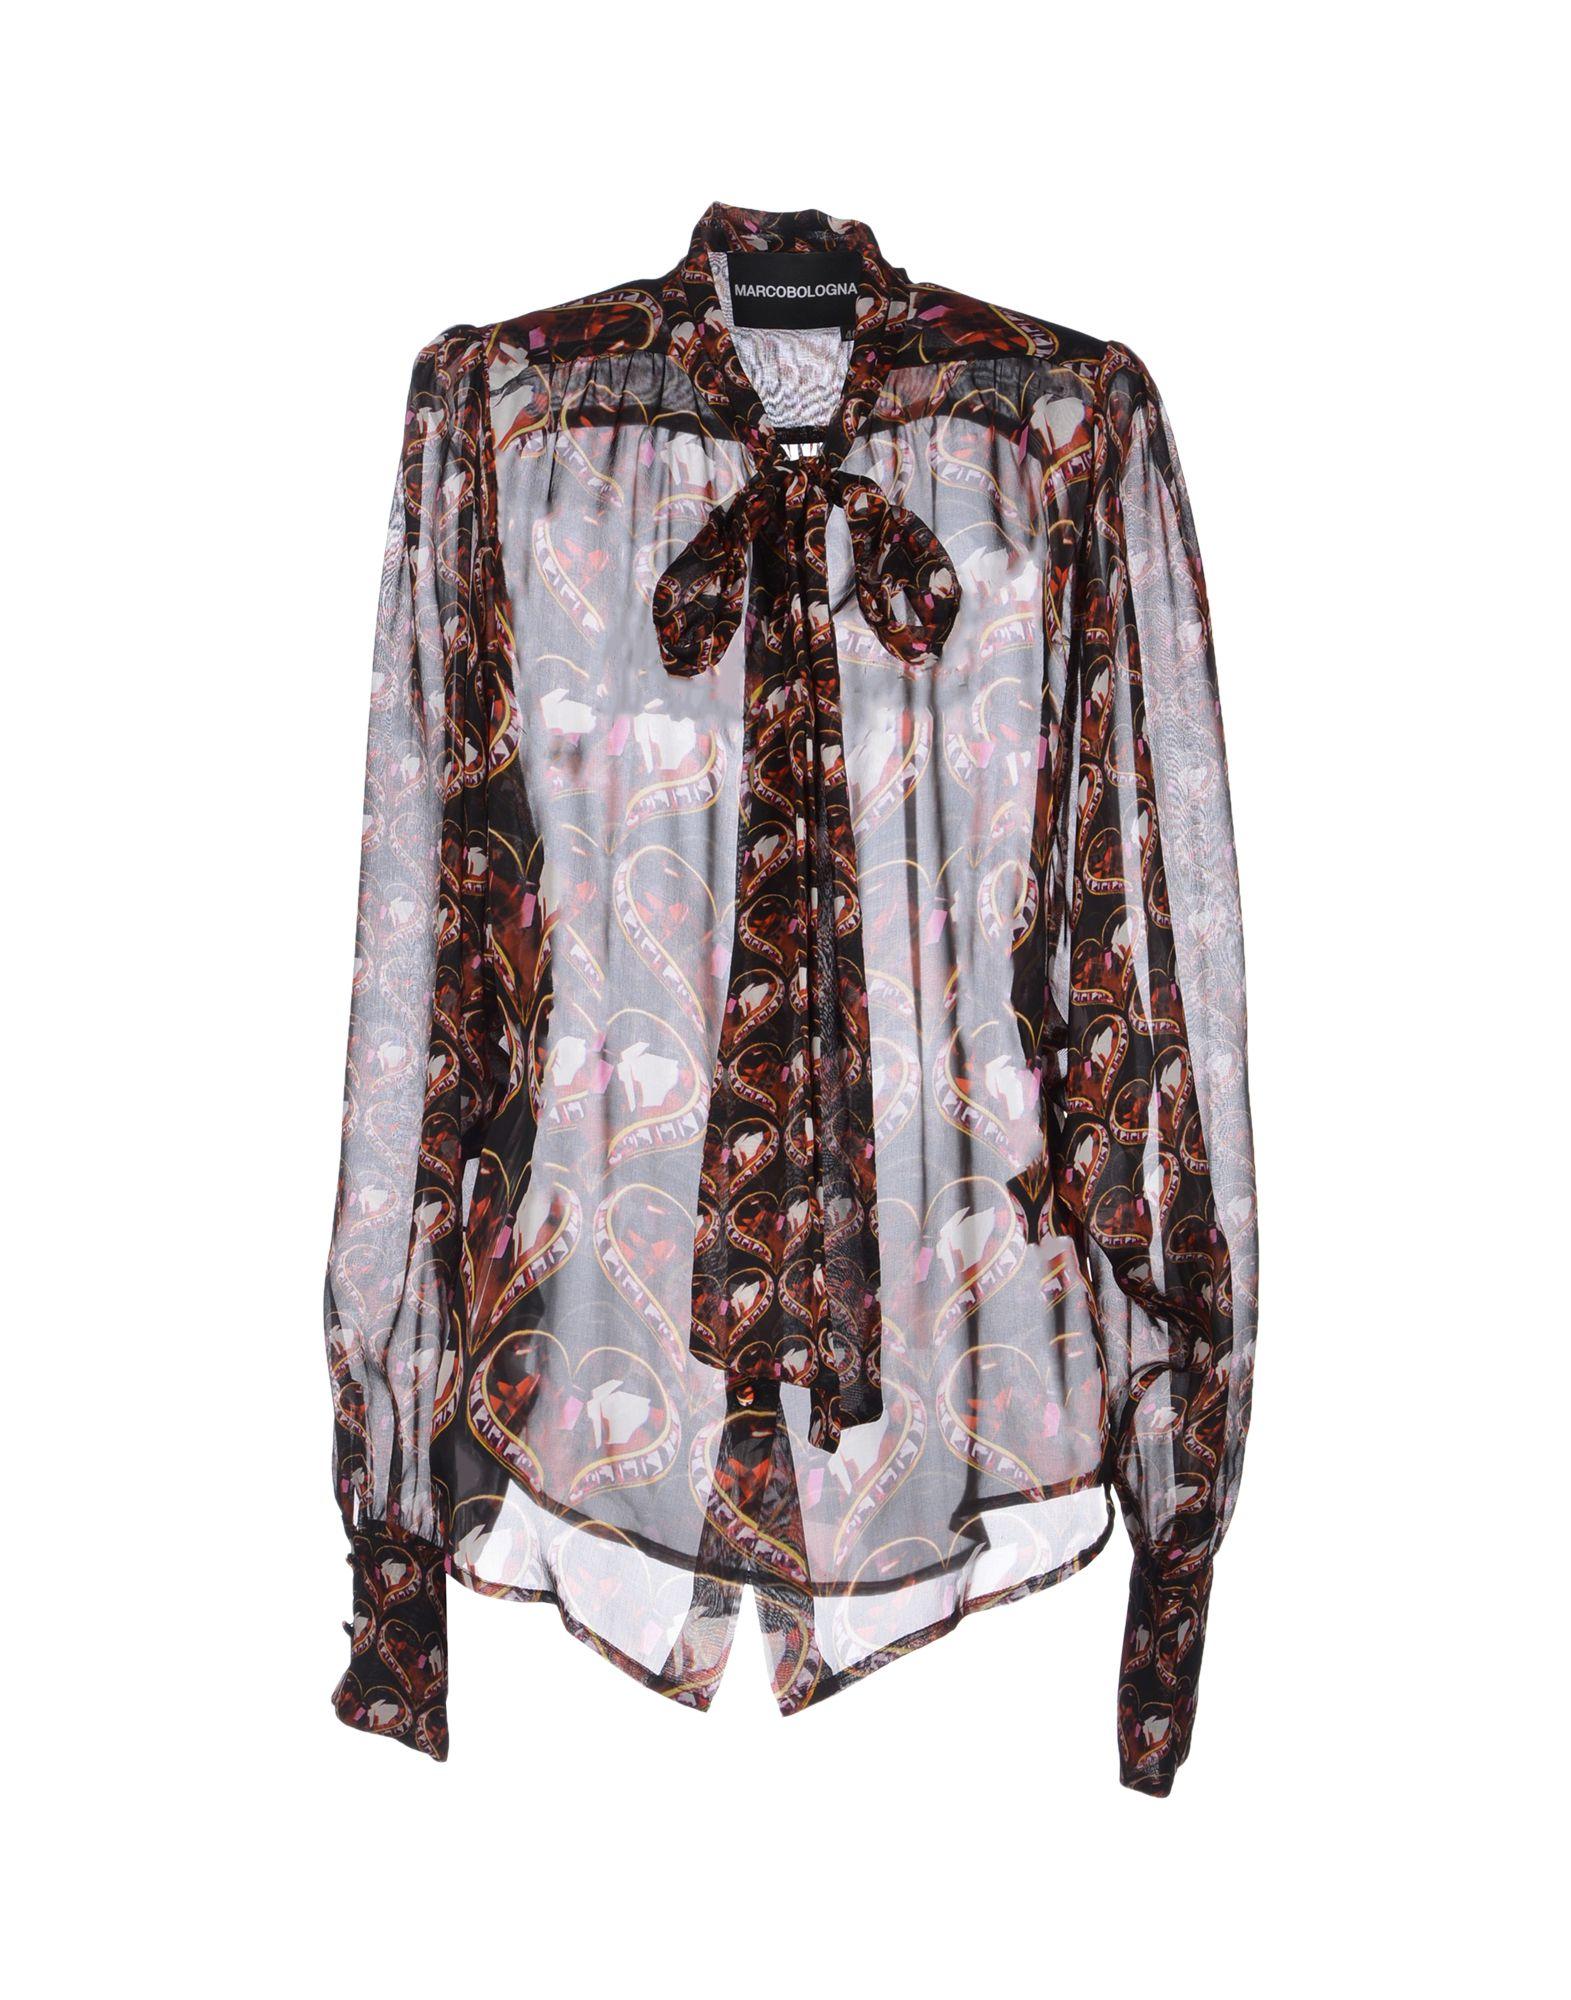 Camicie E Bluse Fantasia Marco Bologna Donna - Acquista online su Ylnl0gwU